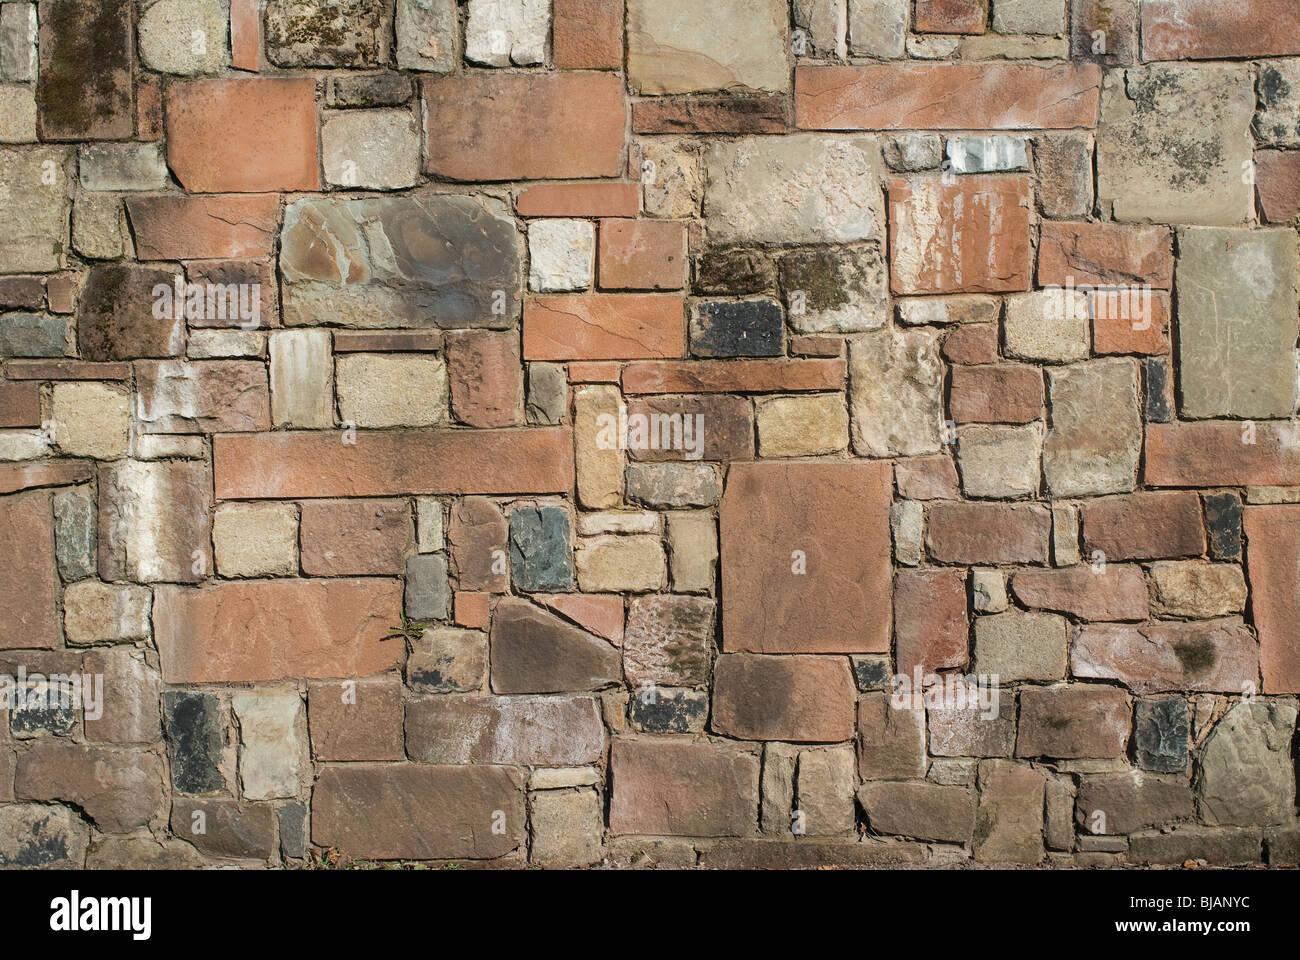 Eine solide Stein Wand aus Sandstein, Kalkstein und Granit. Stockbild